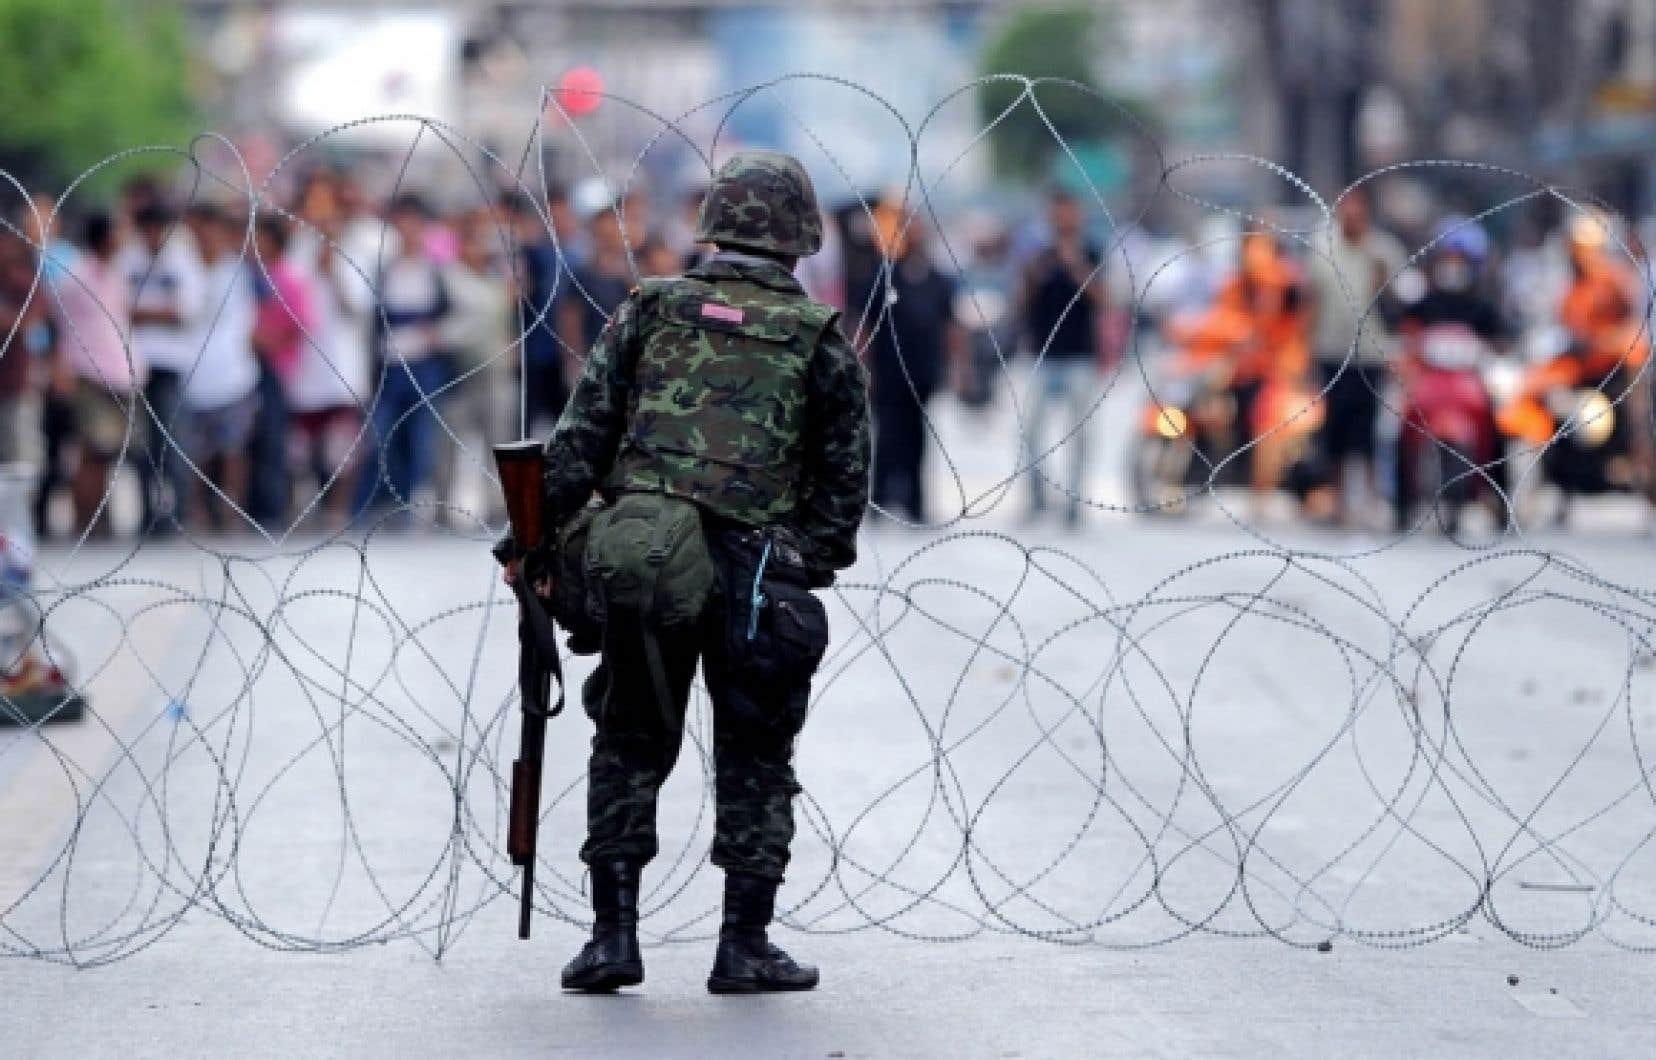 Un soldat thaïlandais dresse une clôture de fils barbelés entre l'armée et les chemises rouges. Les manifestants, pour la plupart issus de la petite bourgeoisie de province, en ont assez d'être méprisés par les «élites», ces aristocrates de Bangkok qui exhibent leur titre de noblesse ou ces bureaucrates condescendants, habitués à jouer de leur pouvoir.